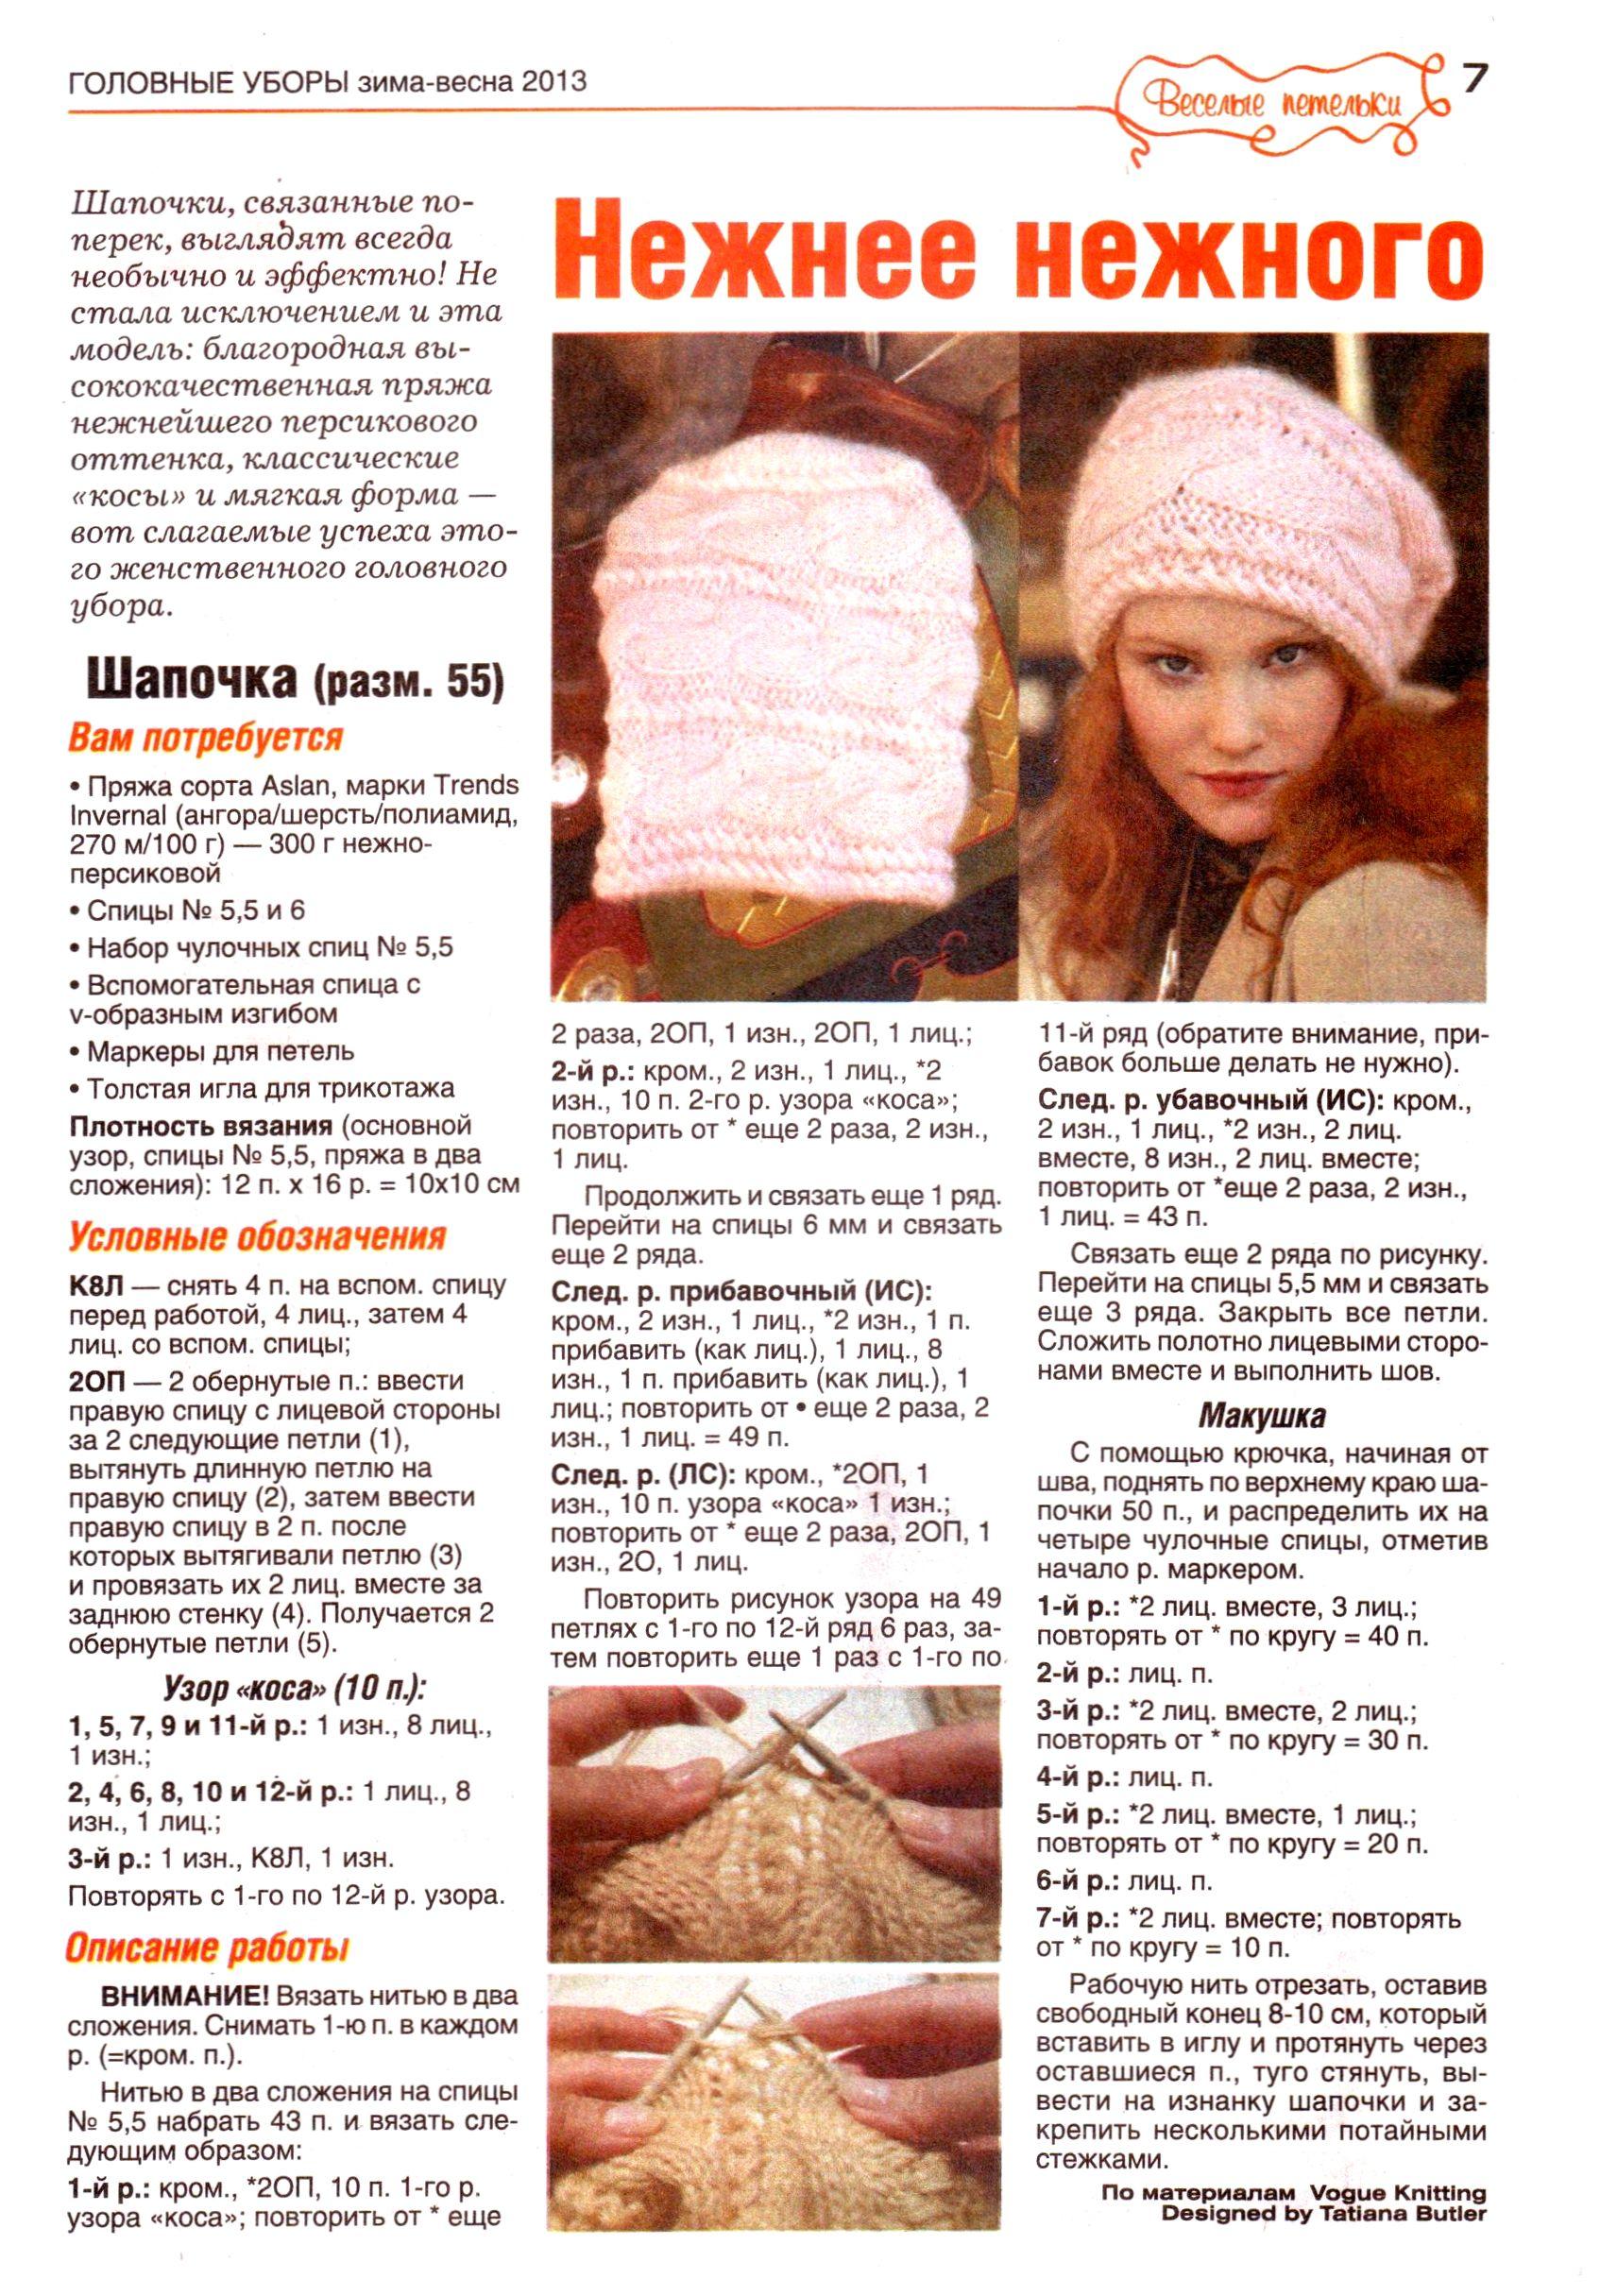 Вязание шапки спицами для женщин модные модели 2016 года с описанием фото для